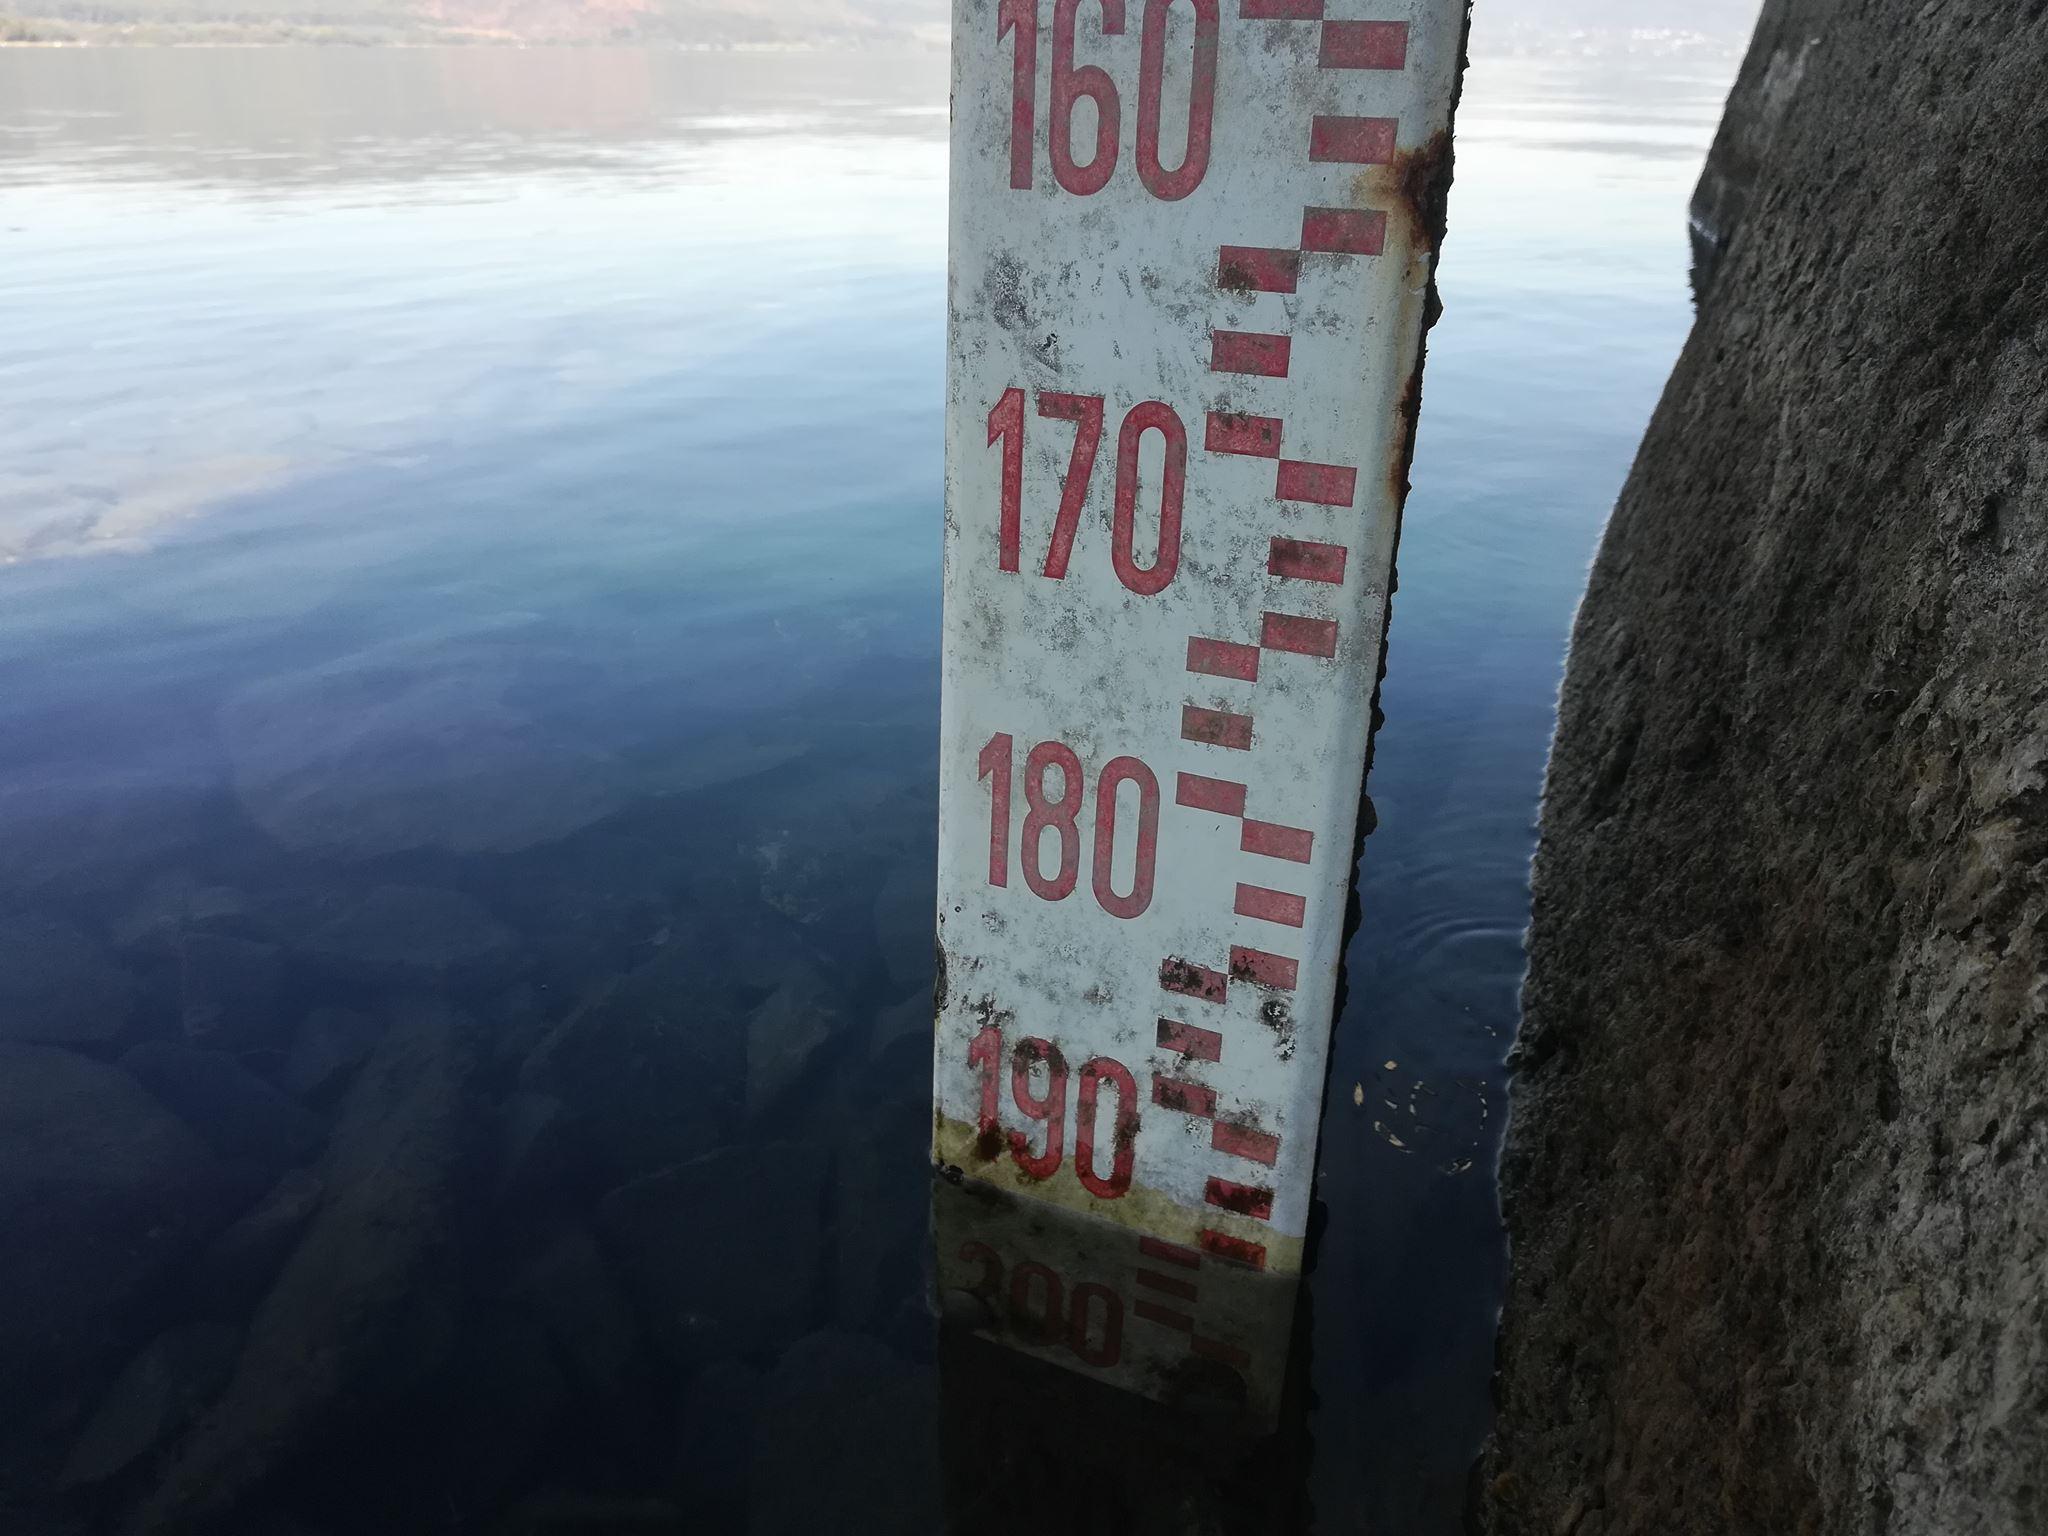 Rilevamento 15 ottobre 2017, ore 13 e 05. Ex Idroscalo degli inglesi, Bracciano. Il livello del Lago è sotto quasi di due metri